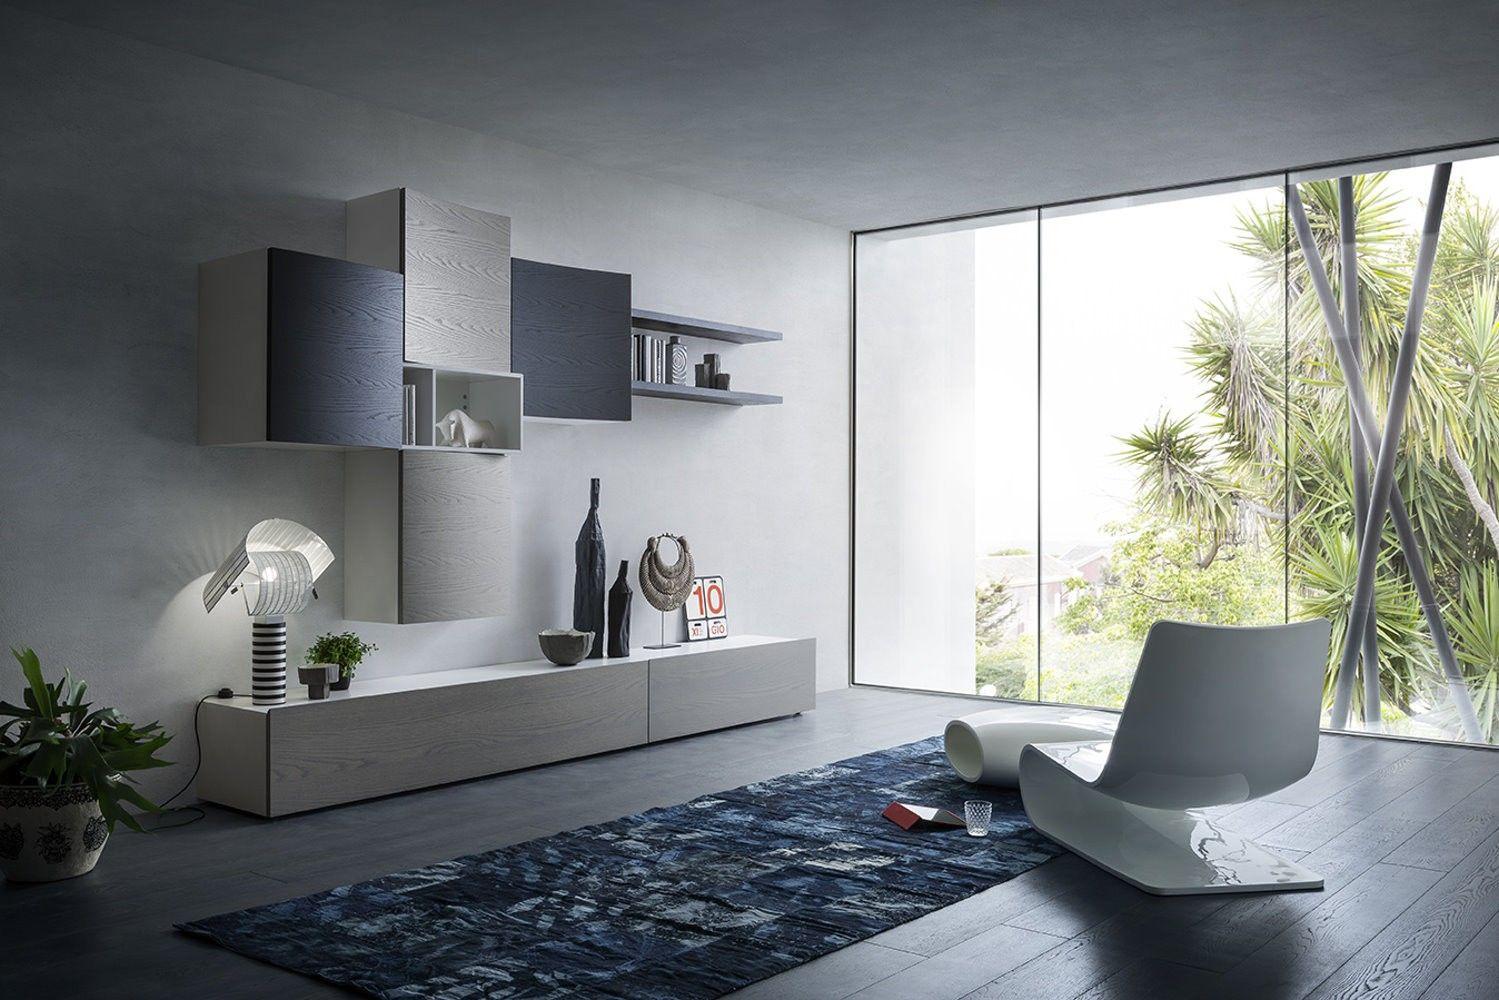 Mobili A Giorno Componibili.Parete Attrezzata Soggiorno Living Livingroom Mobile Soggiorno